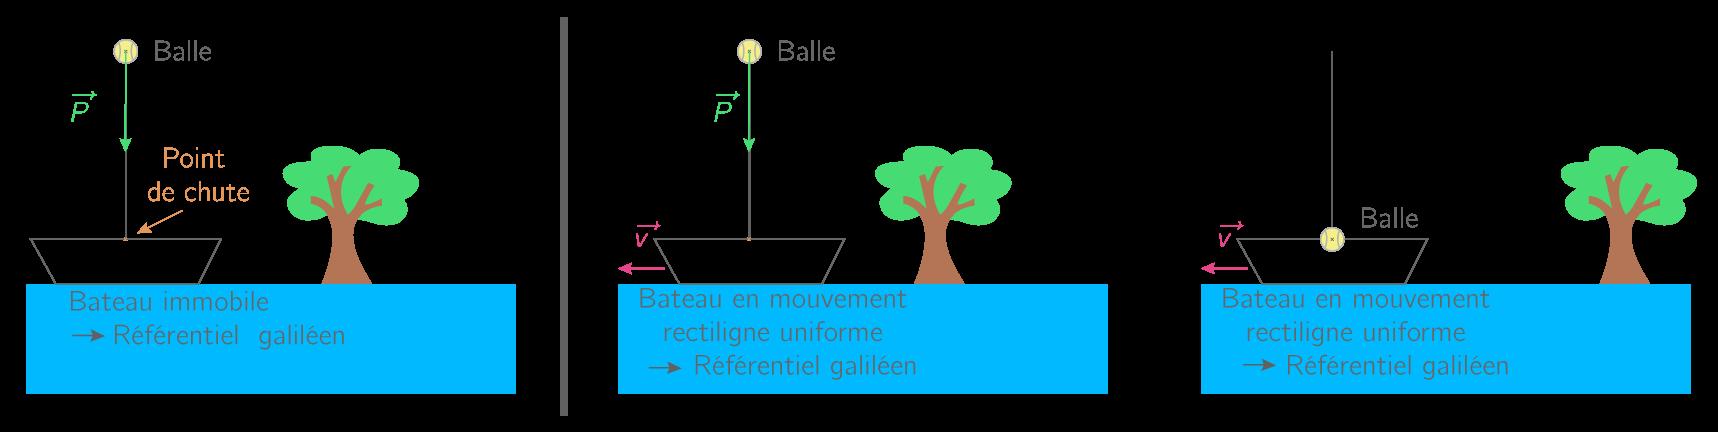 relativite restreinte cours